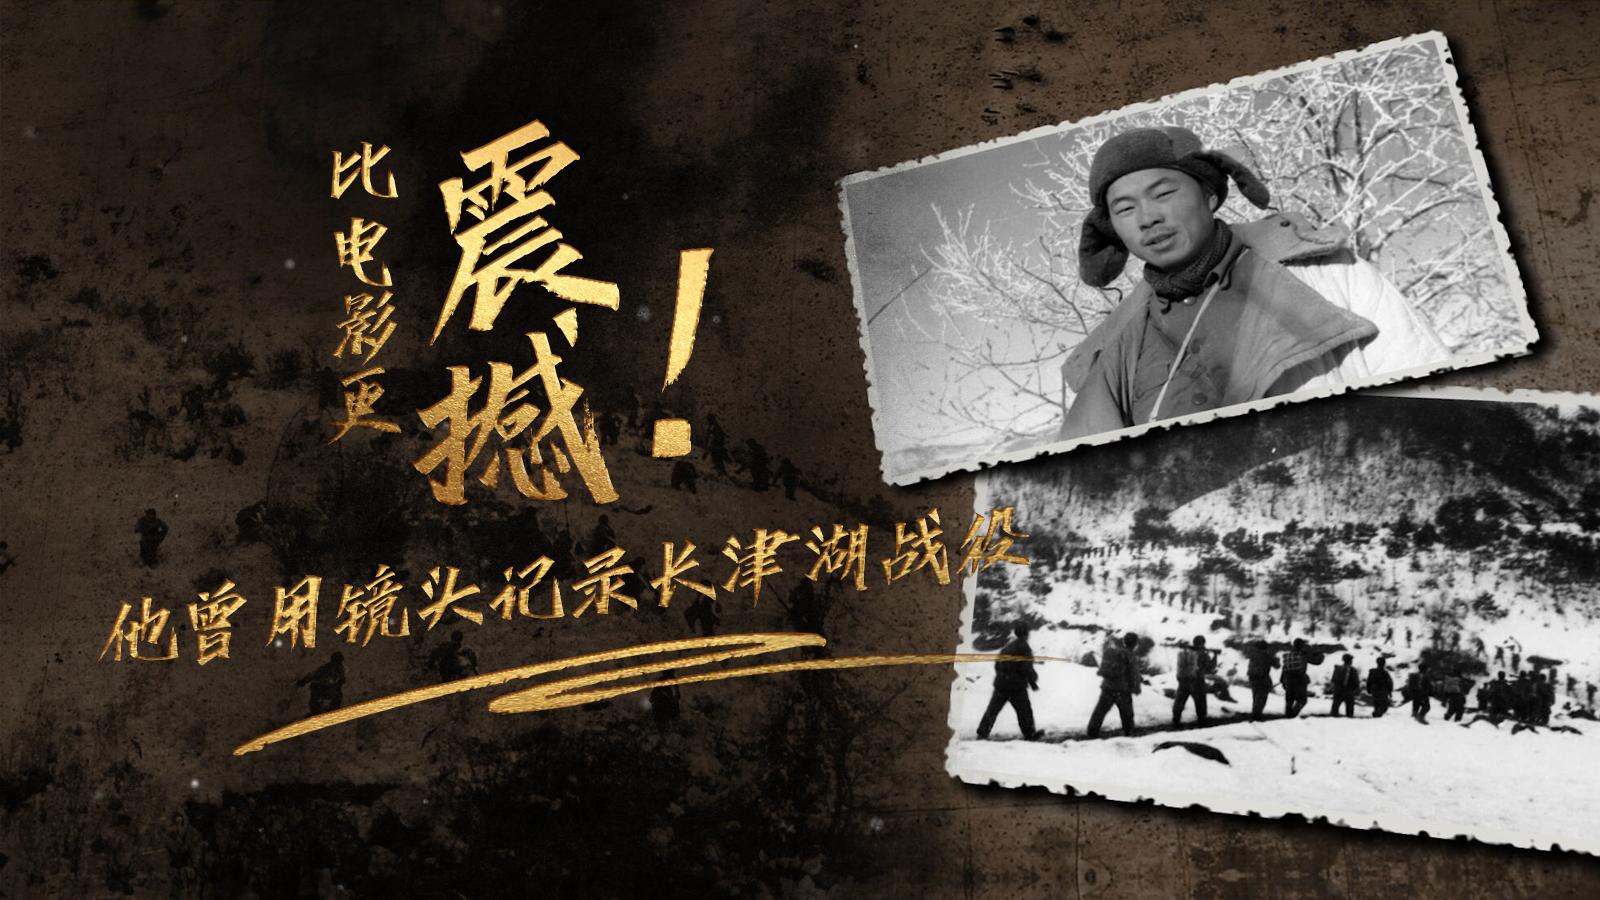 比電影更震撼!他曾用鏡頭記錄長津湖戰役